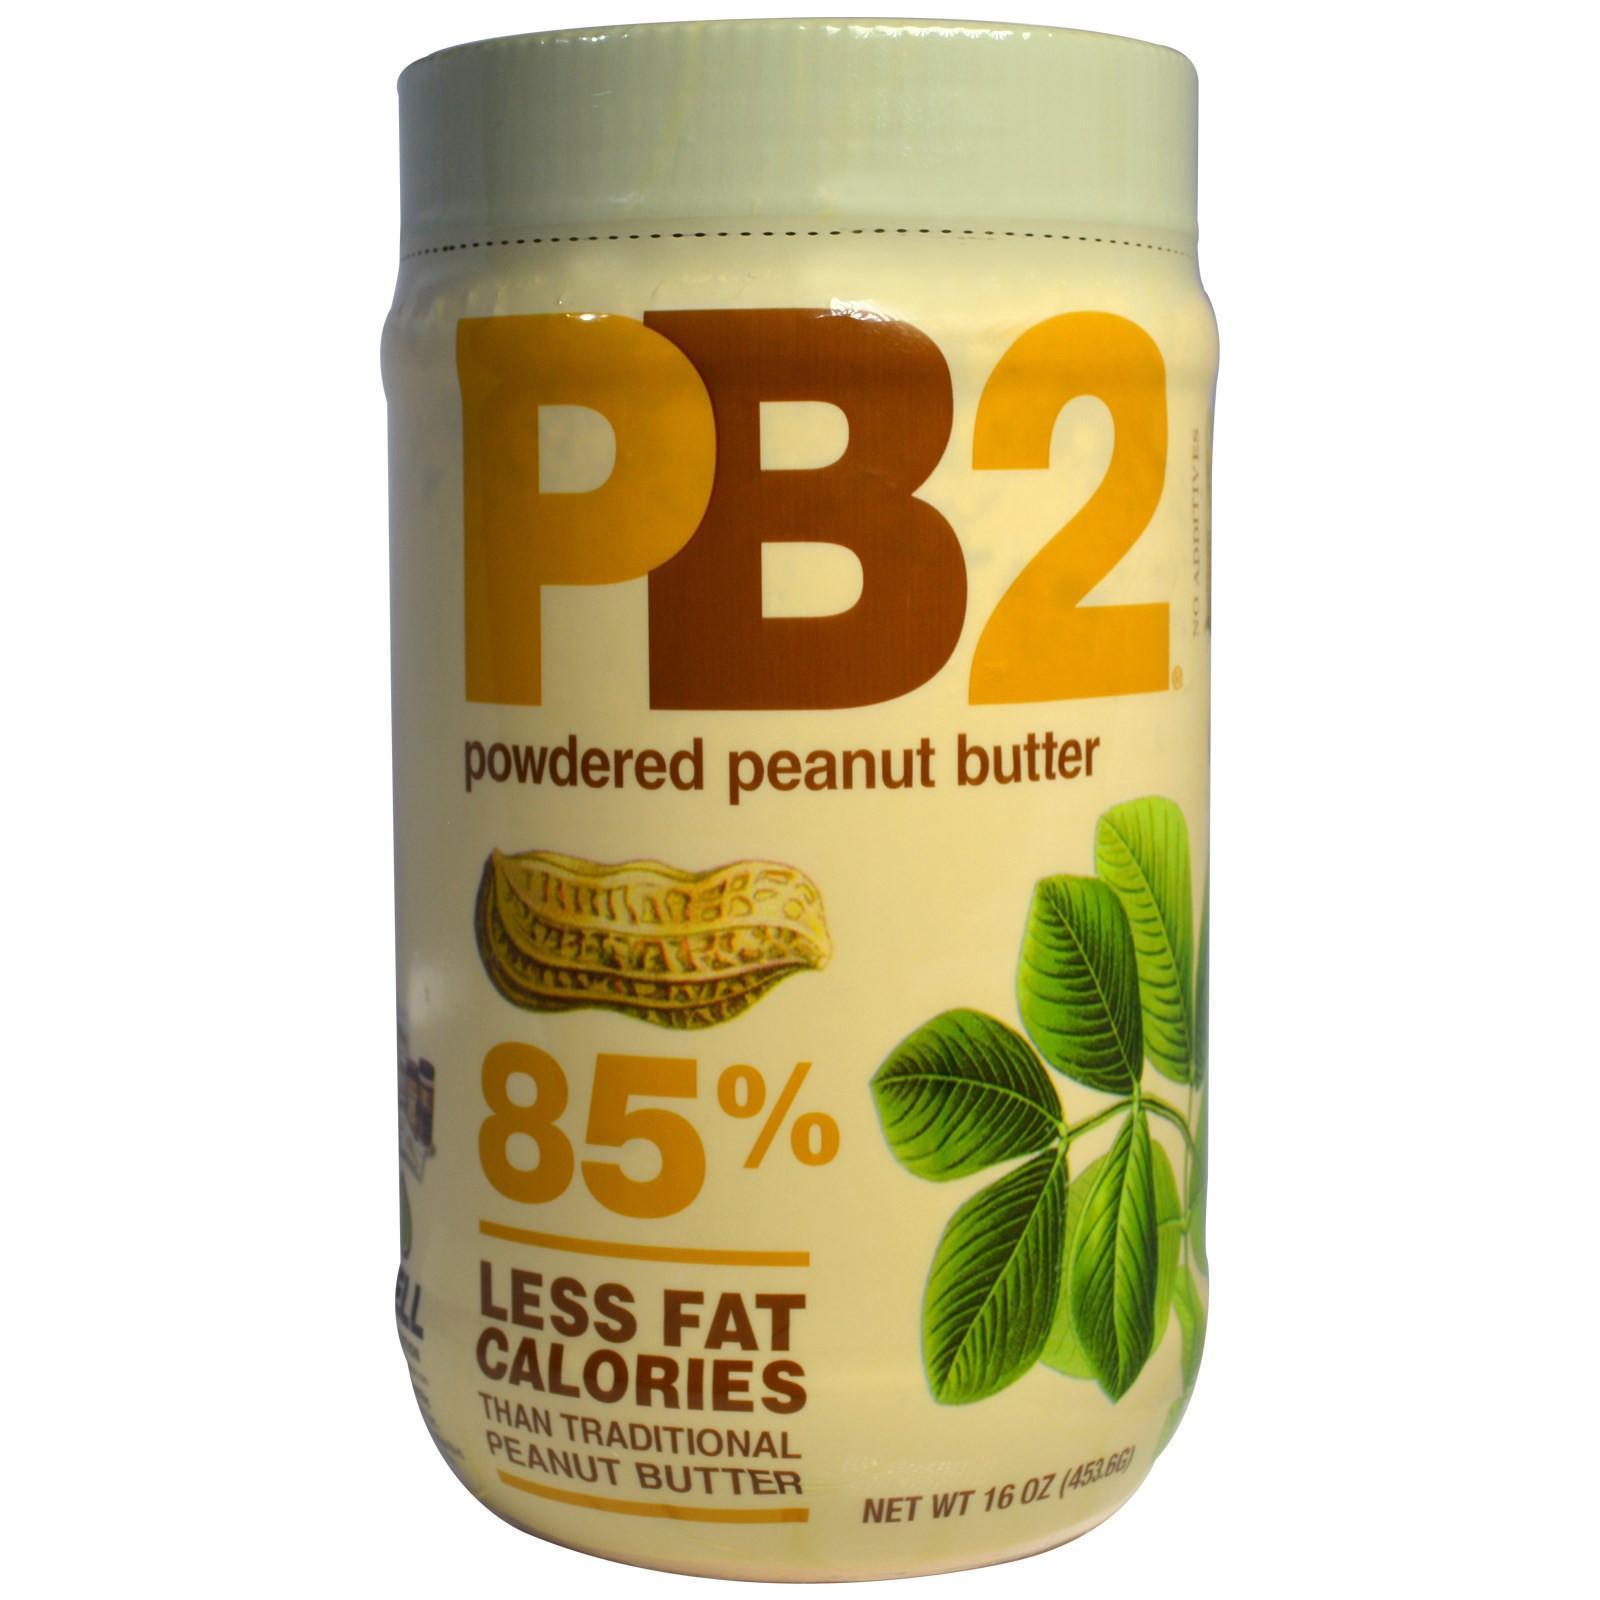 אבקה להכנת חמאת בוטנים Bell Plantation PB2